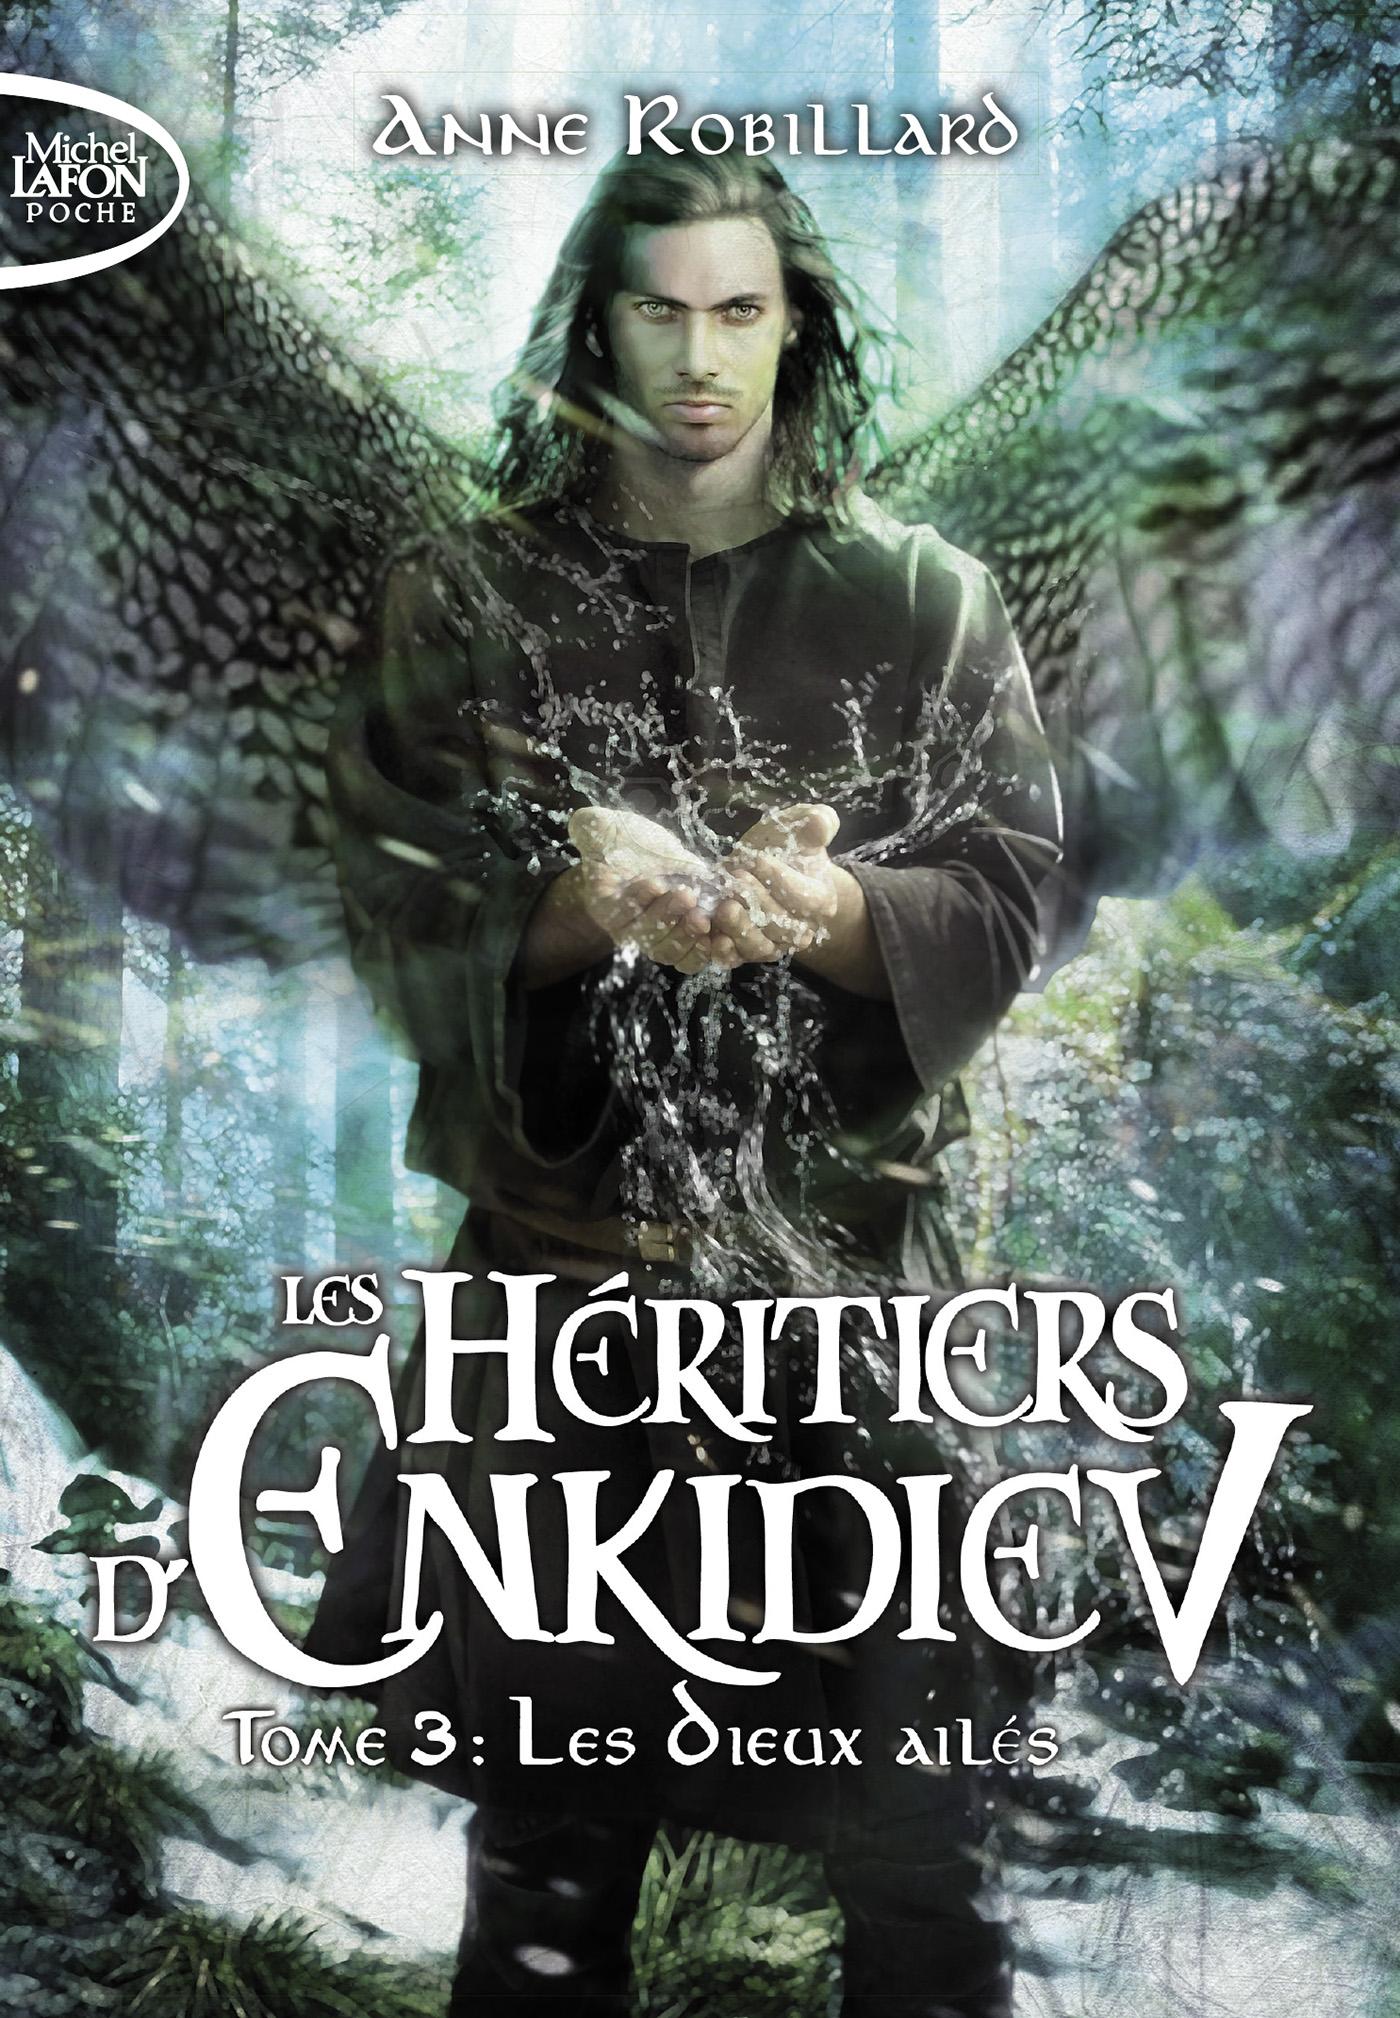 Les Héritiers d'Enkidiev – Tome 3 (Poche)